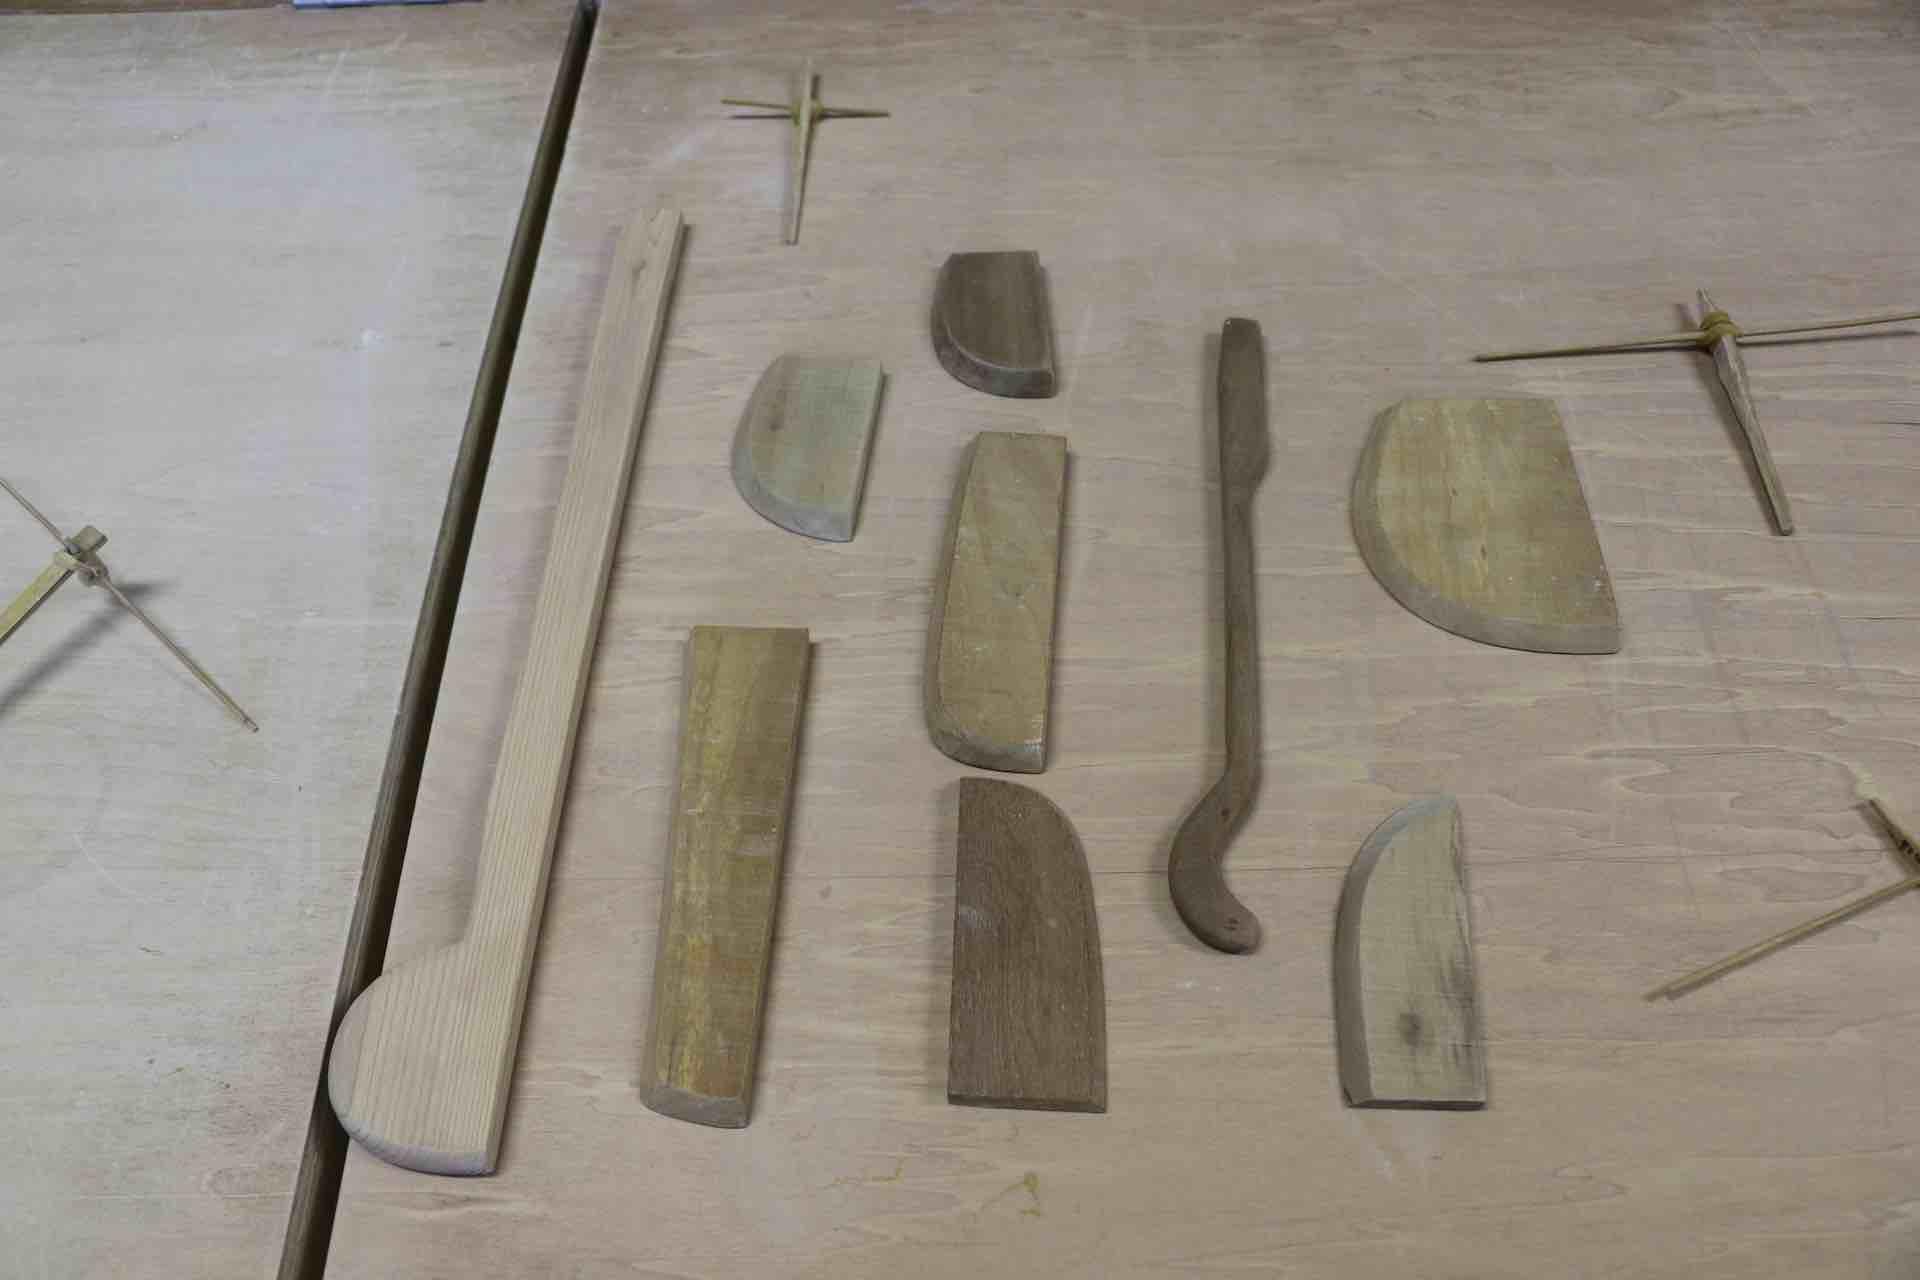 ろくろの部屋にあった、古式にならった様々な道具